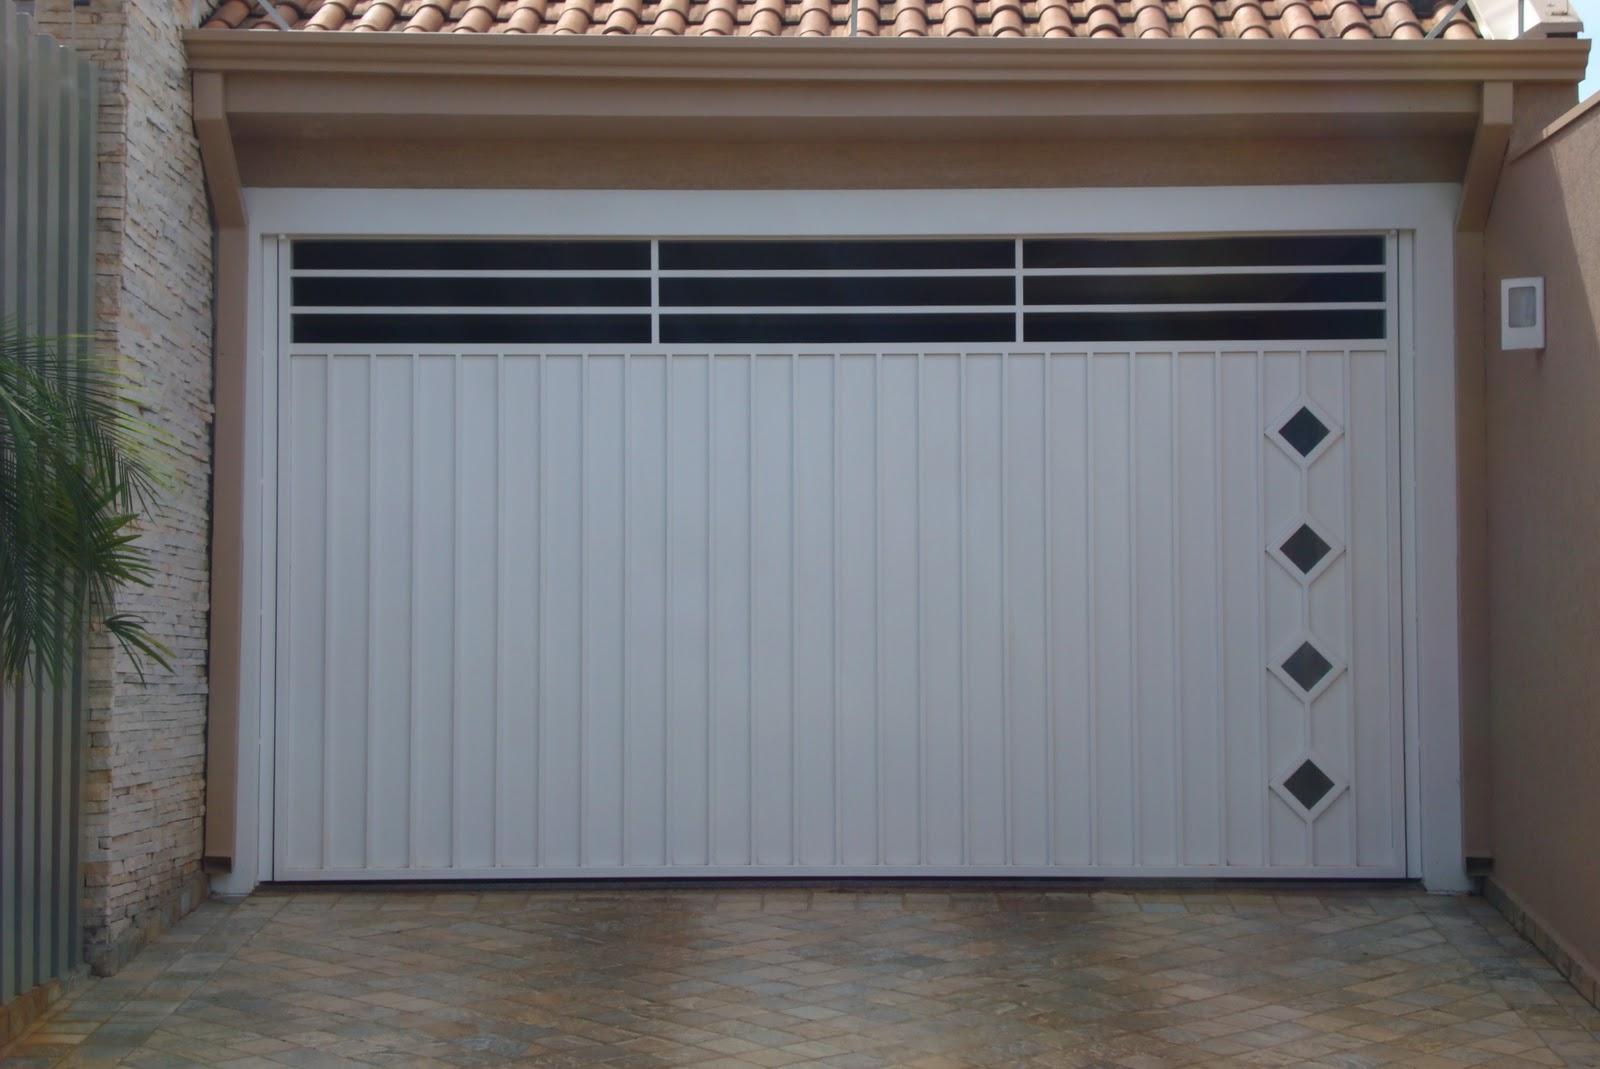 Super Modelos de portões para garagens residenciais | Decorando Casas JE27